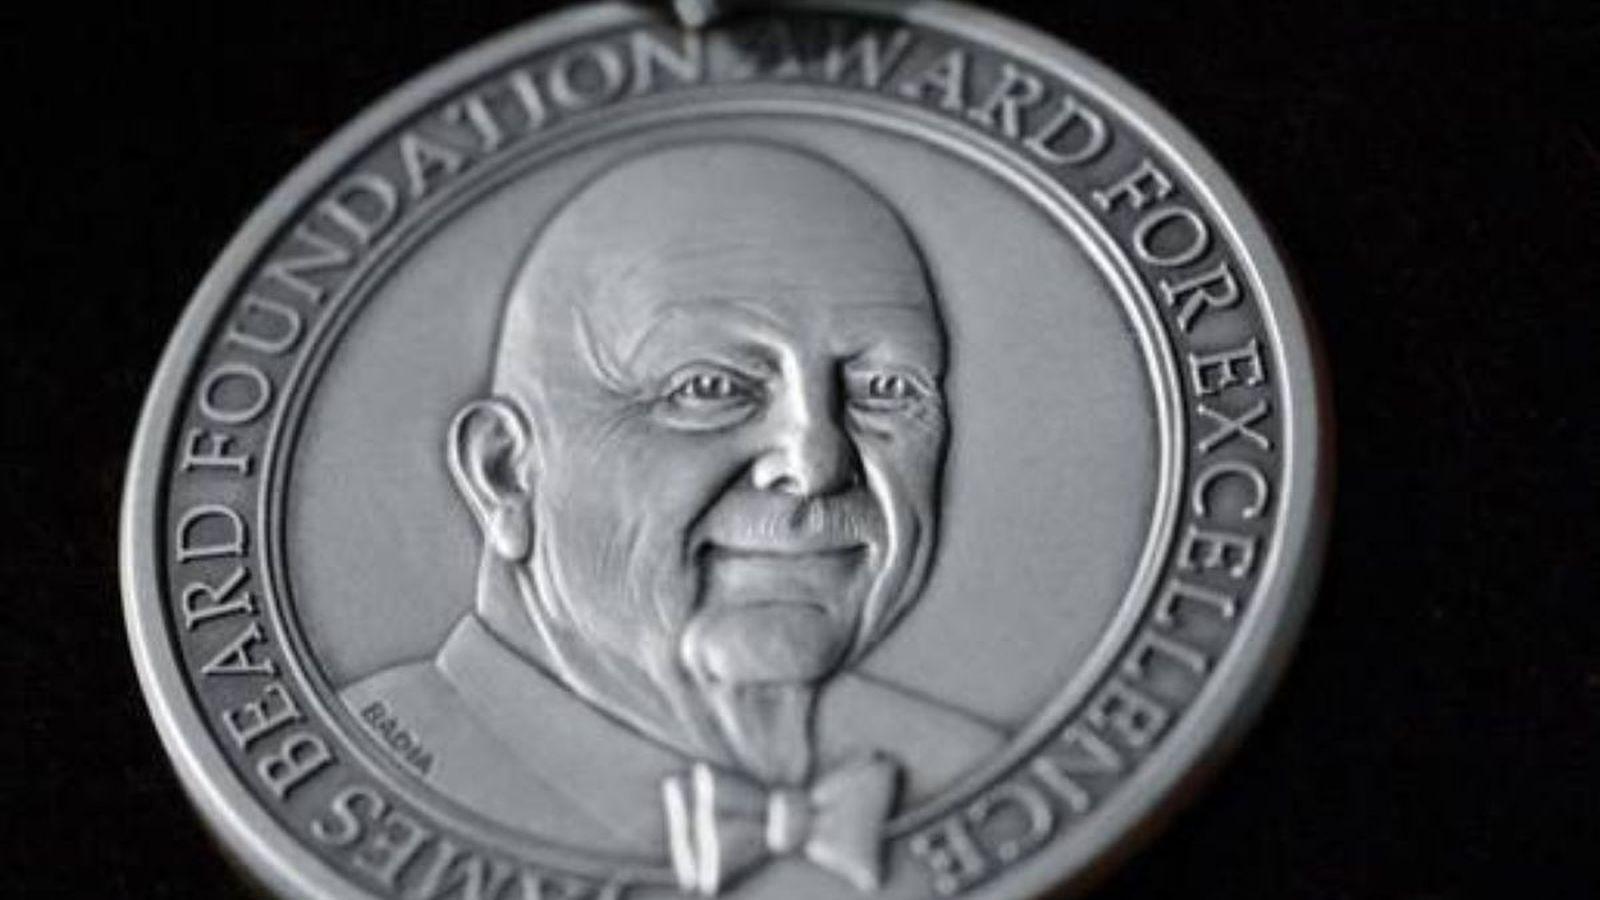 A close up of the James Beard Award